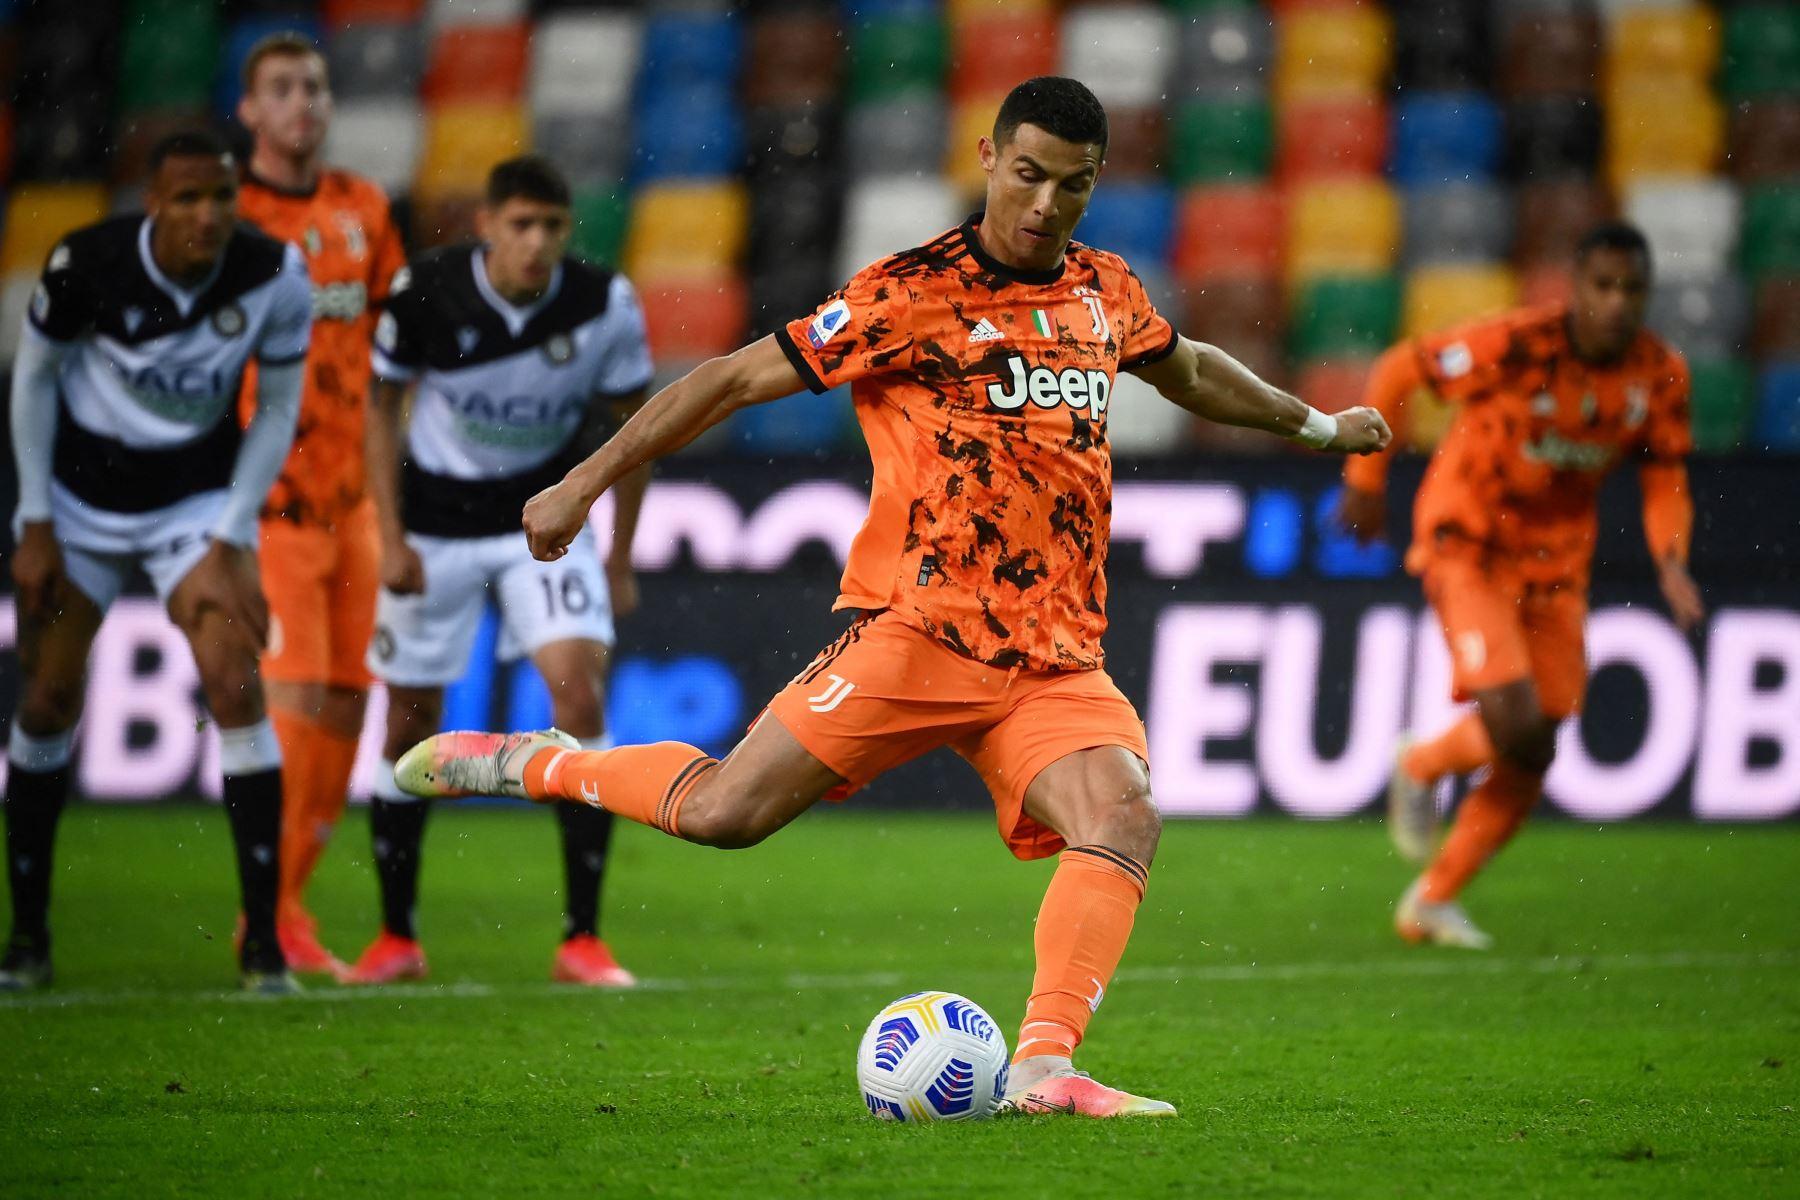 El delantero portugués de la Juventus, Cristiano Ronaldo, marca un gol durante el partido de fútbol de la Serie A italiana entre el Udinese y la Juventus. Foto: AFP